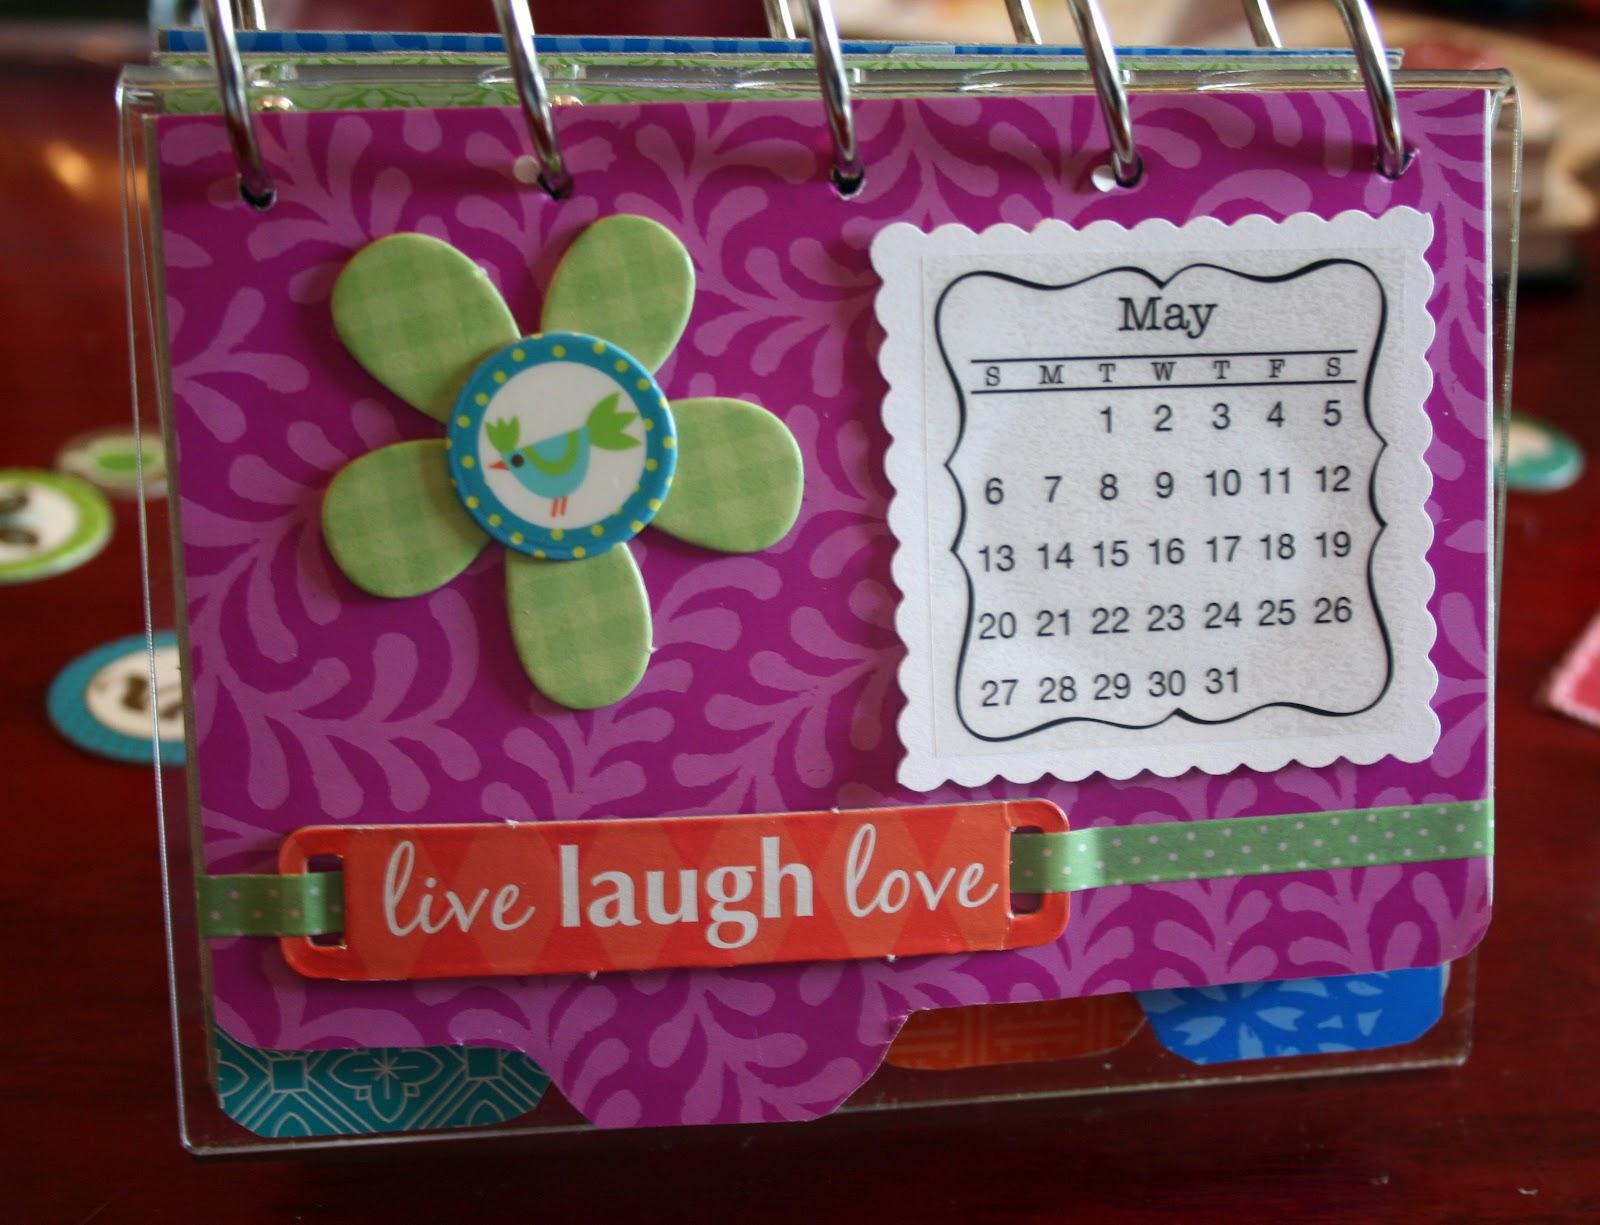 Calendar Handmade How To Make : The experimental crafter handmade calendar